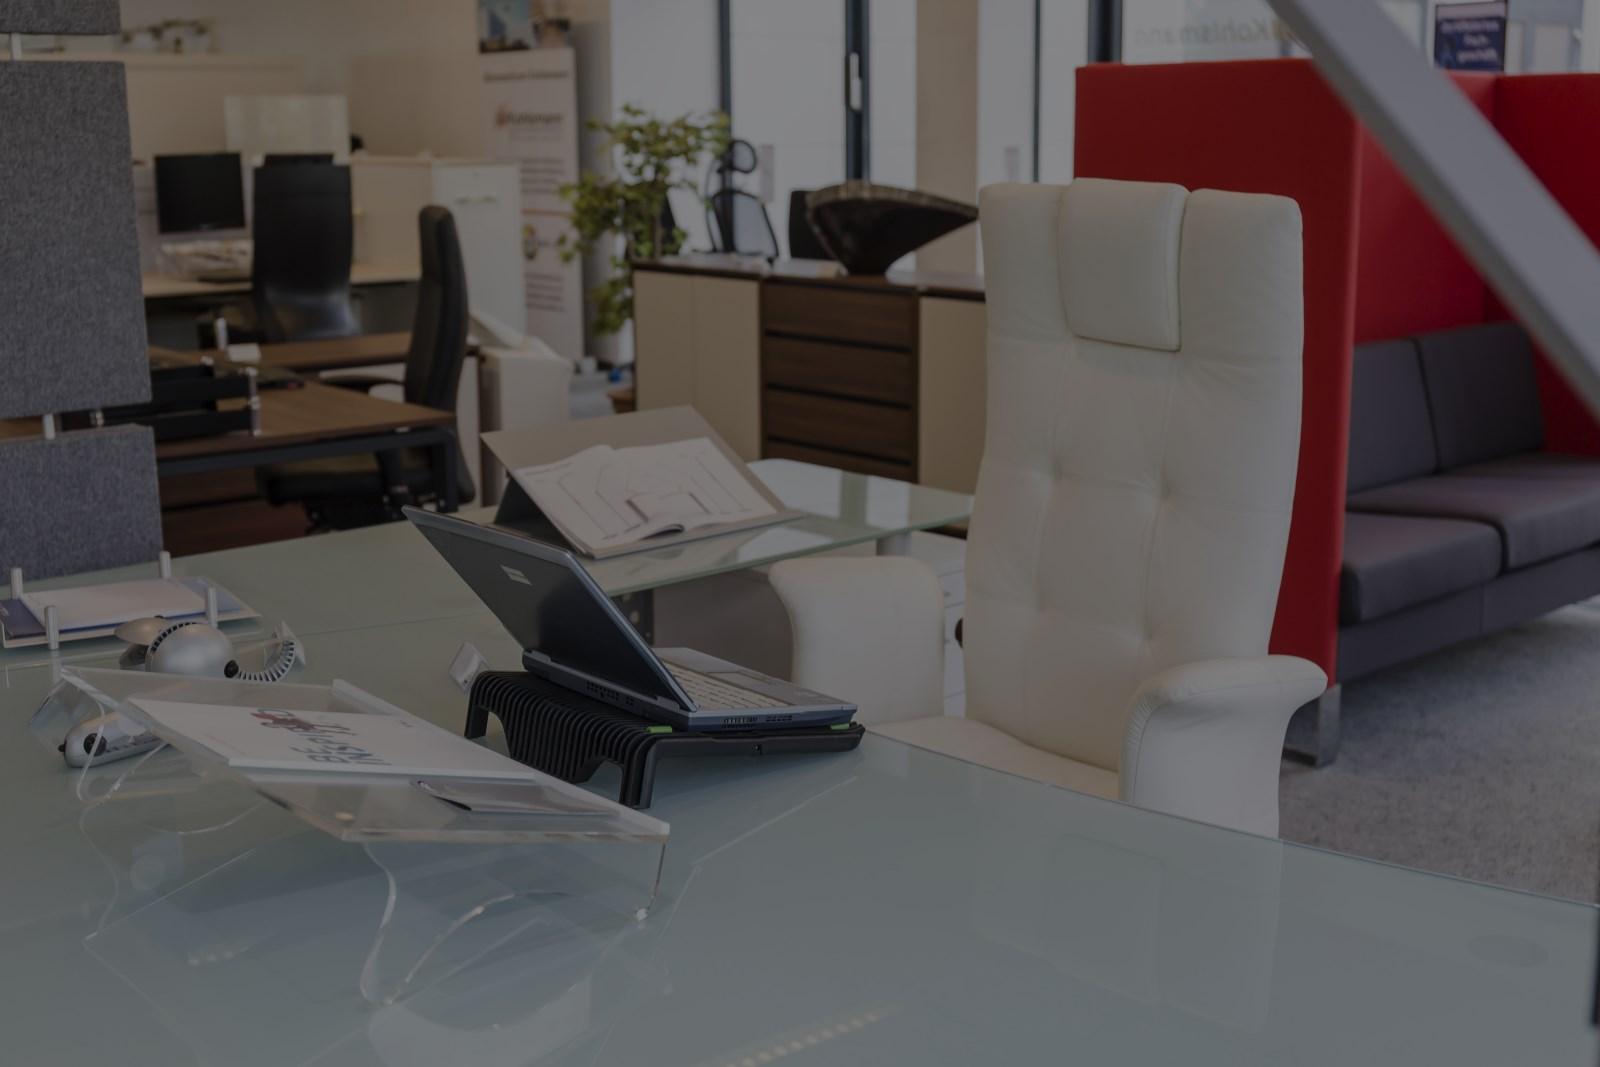 Bürobedarf Büromöbel Ergonomie Beratung Kohlsmann In Essen